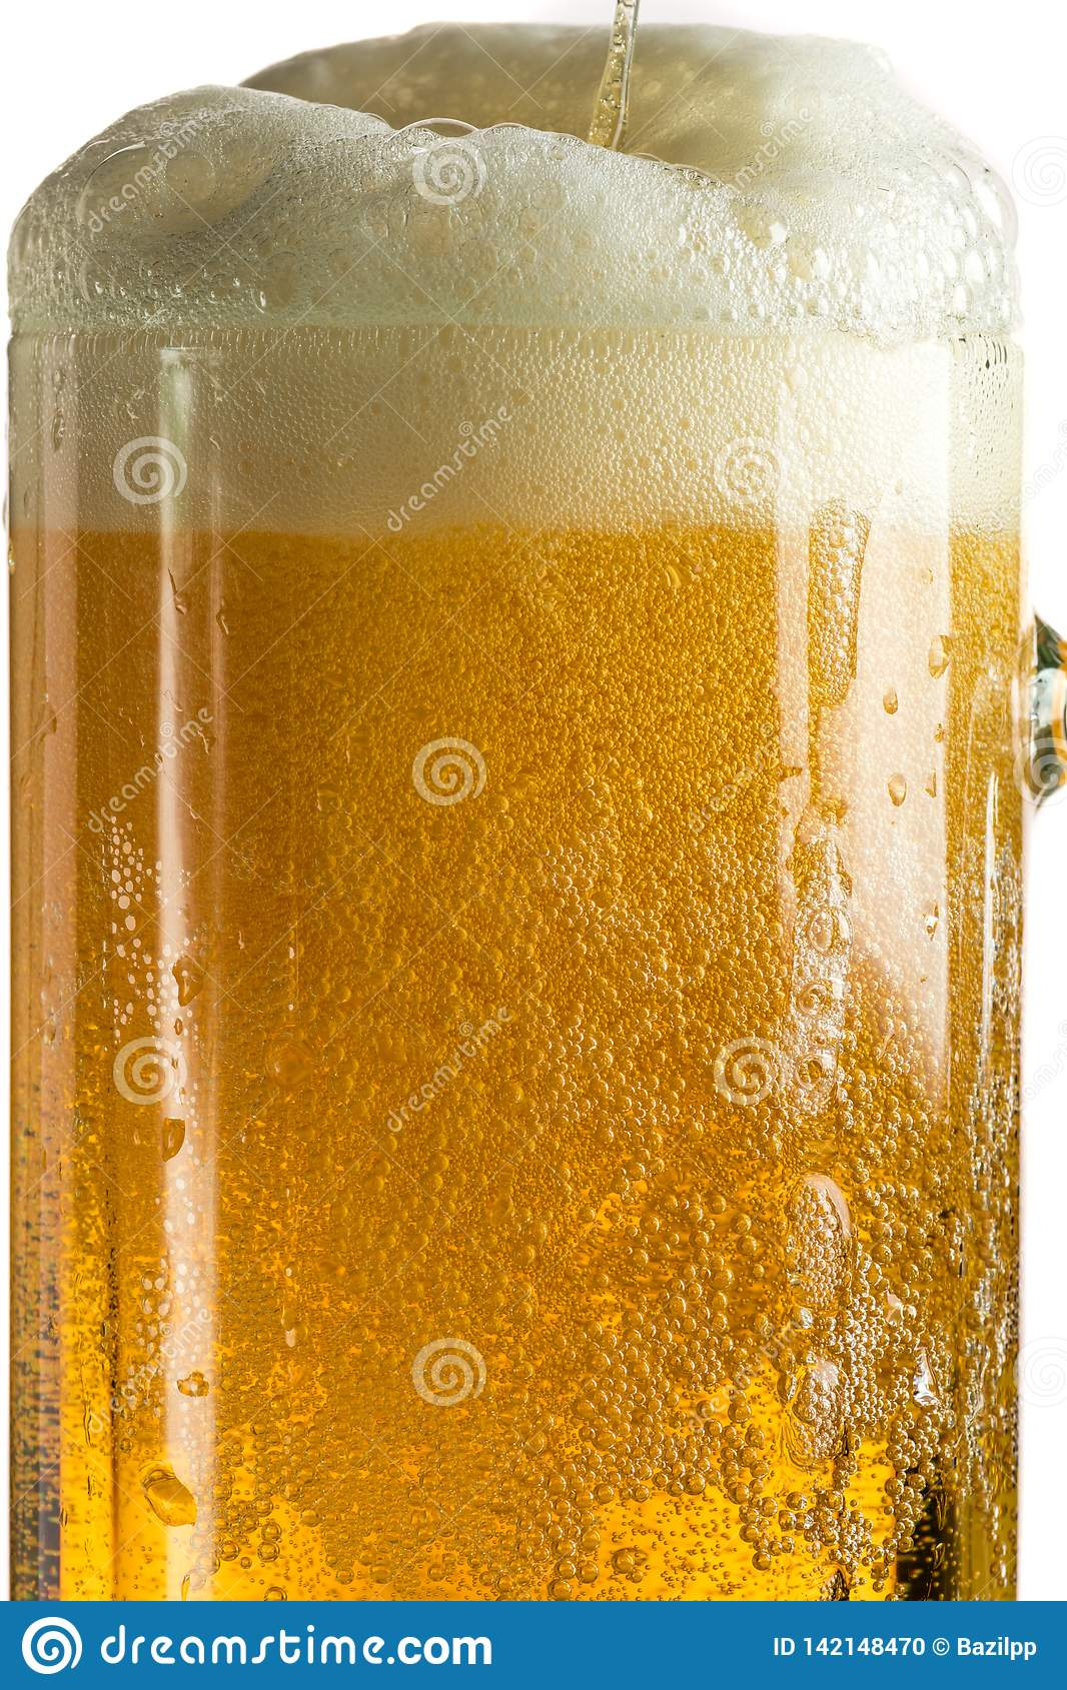 Лить светлое пиво в кружке пива, оно поворачивает вне пену и брызги